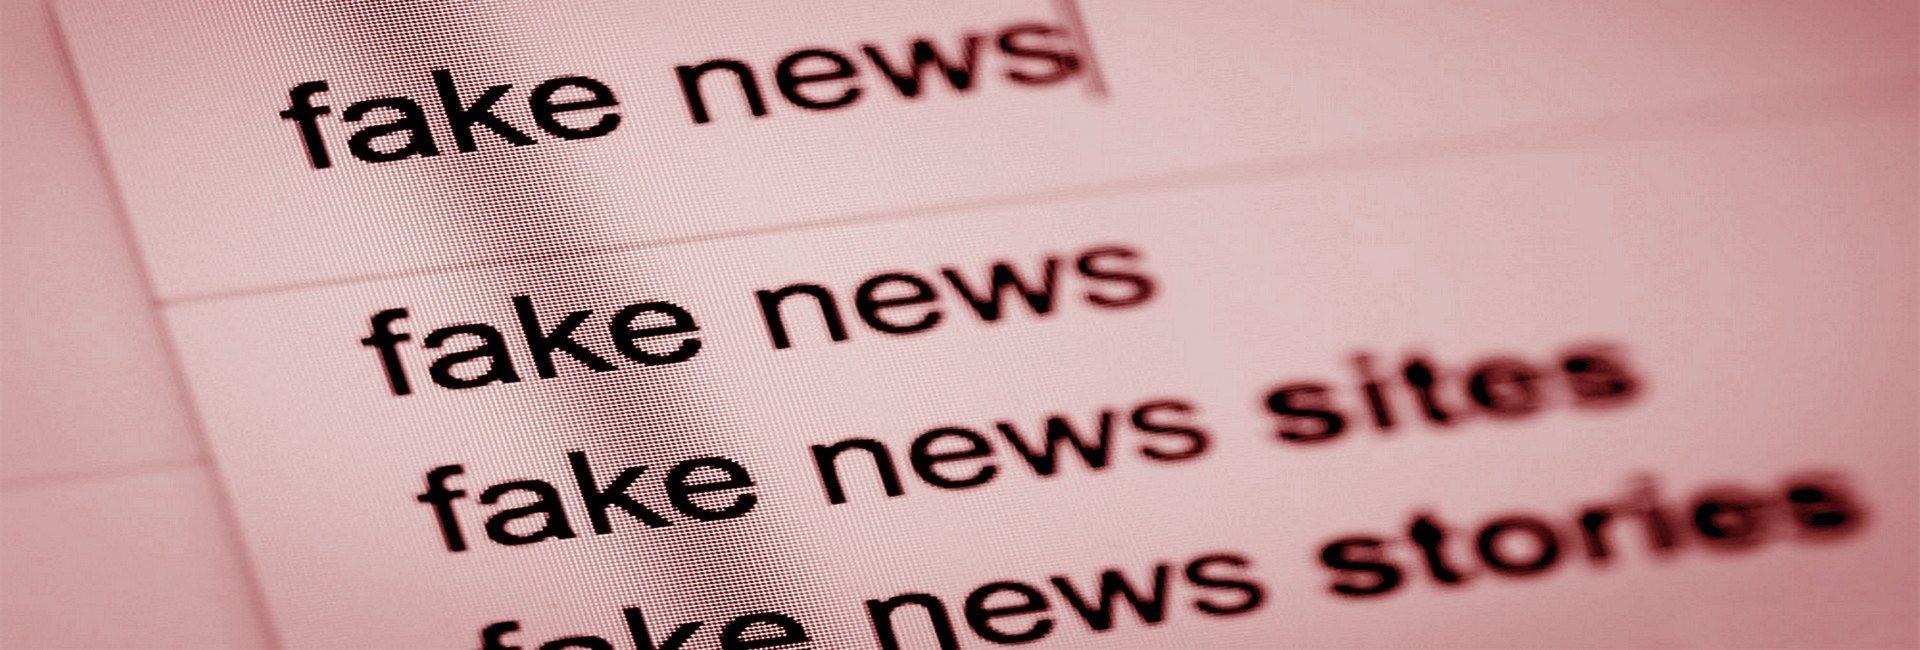 Cât de diferiți sunt finlandezii și americanii, atunci când vine vorba de fake news